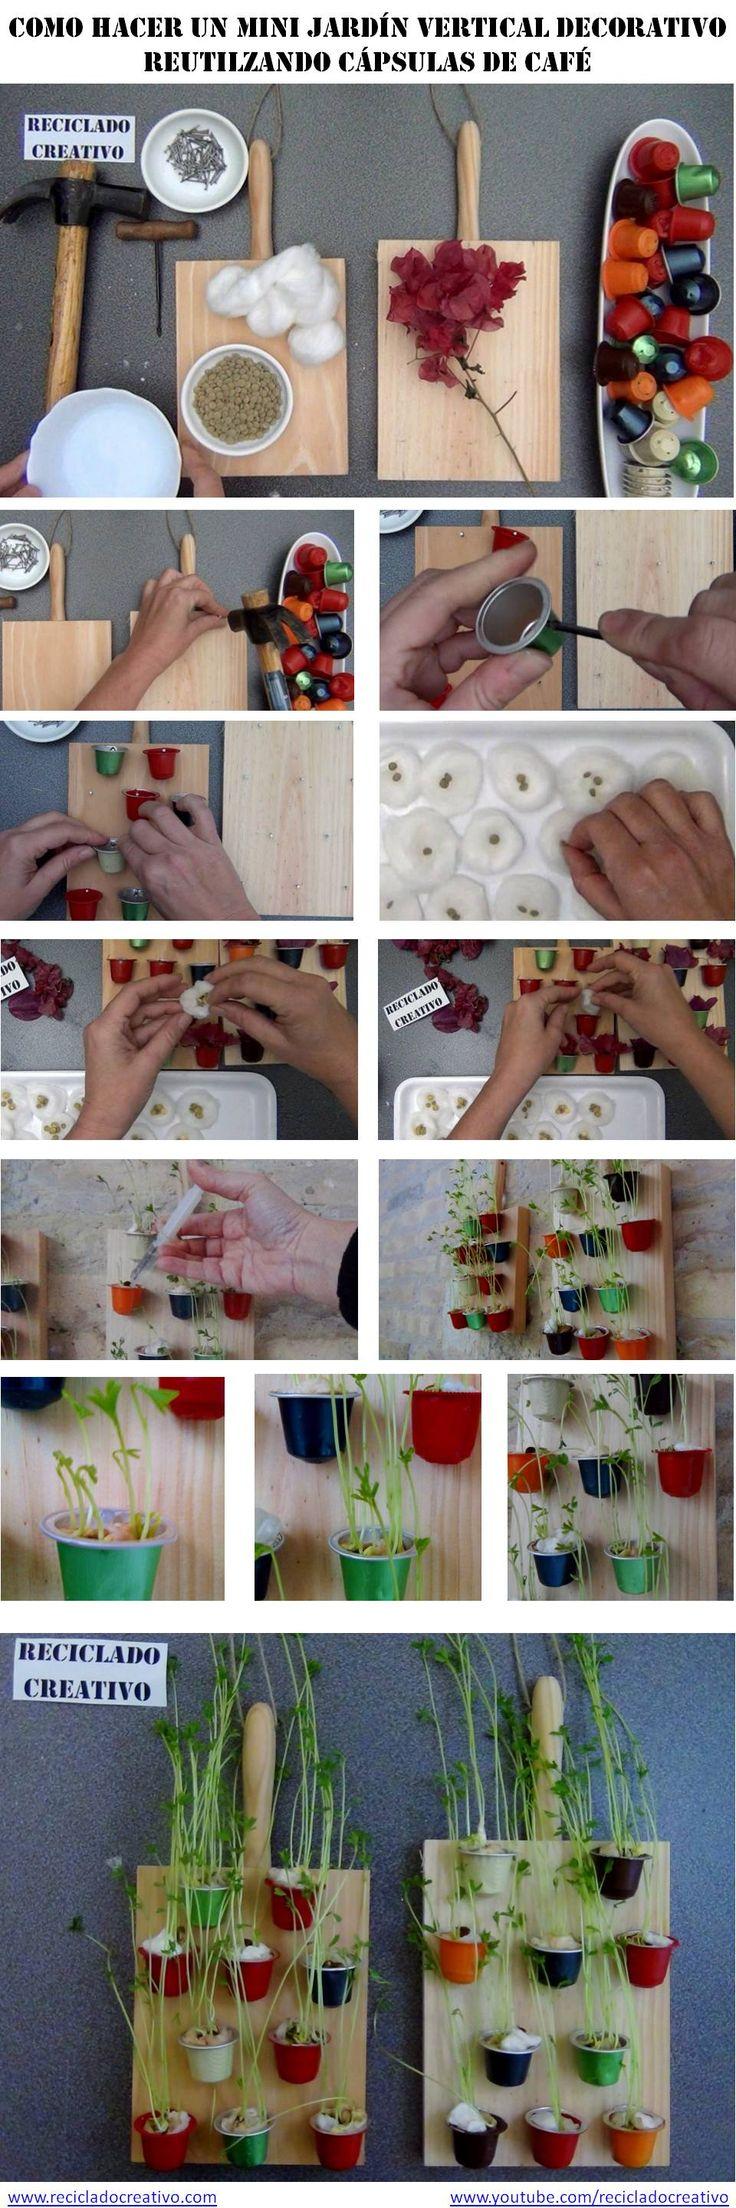 Infographic cómo hacer un mini jardín vertical con lentejas